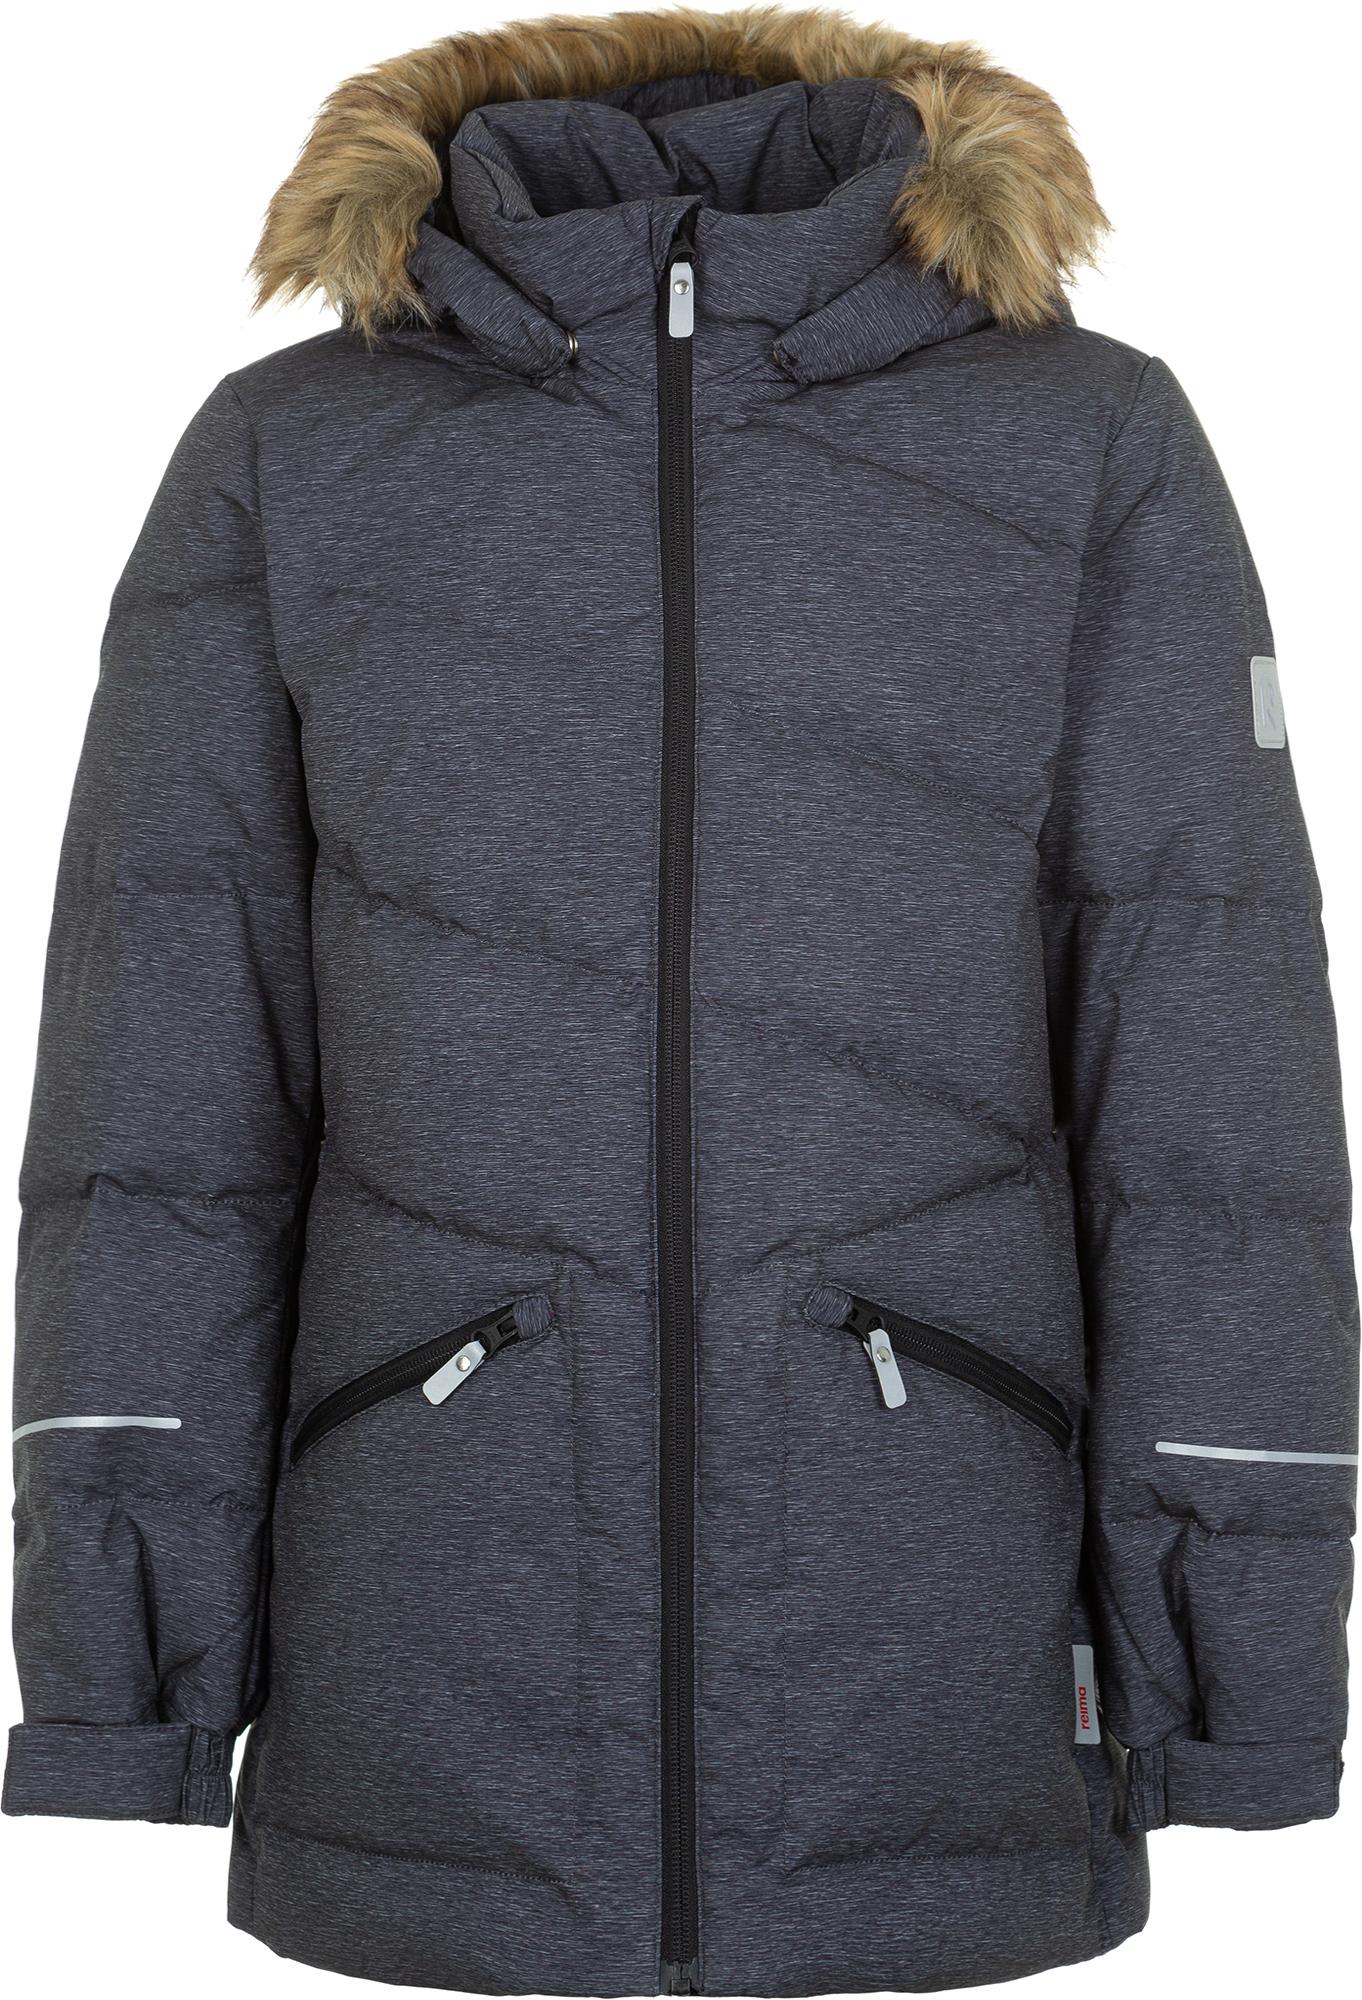 Reima Куртка пуховая для мальчиков Leiri, размер 158